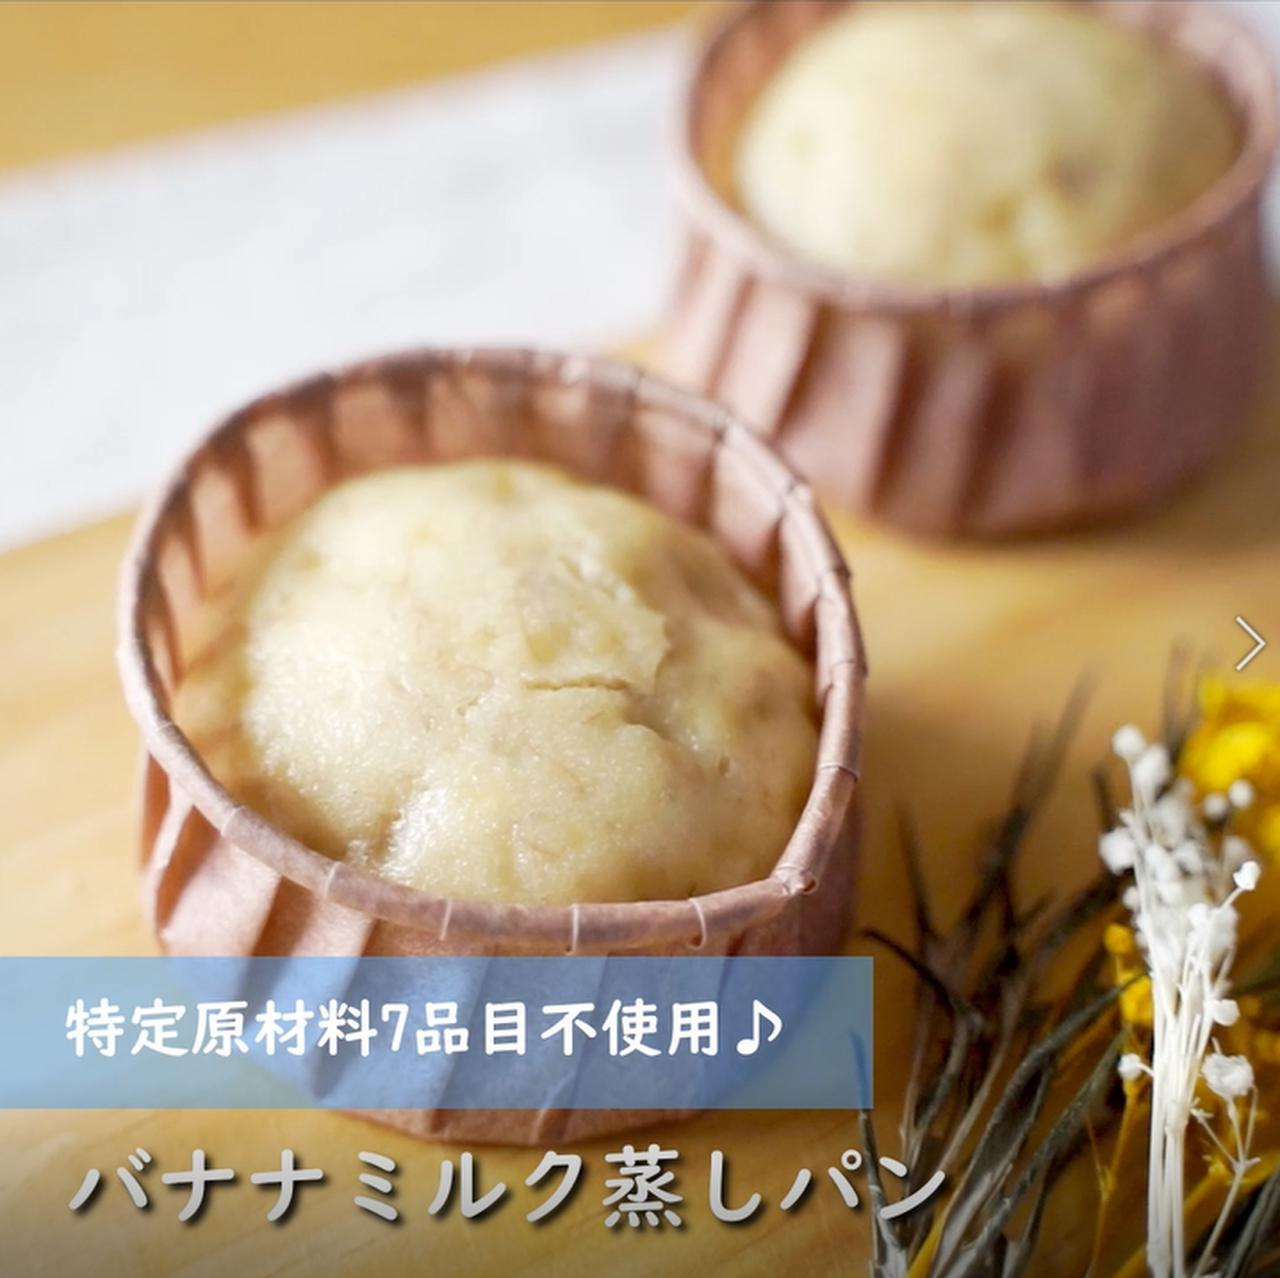 画像: 優しい甘味!バナナ豆乳蒸しパン - 君とごはん